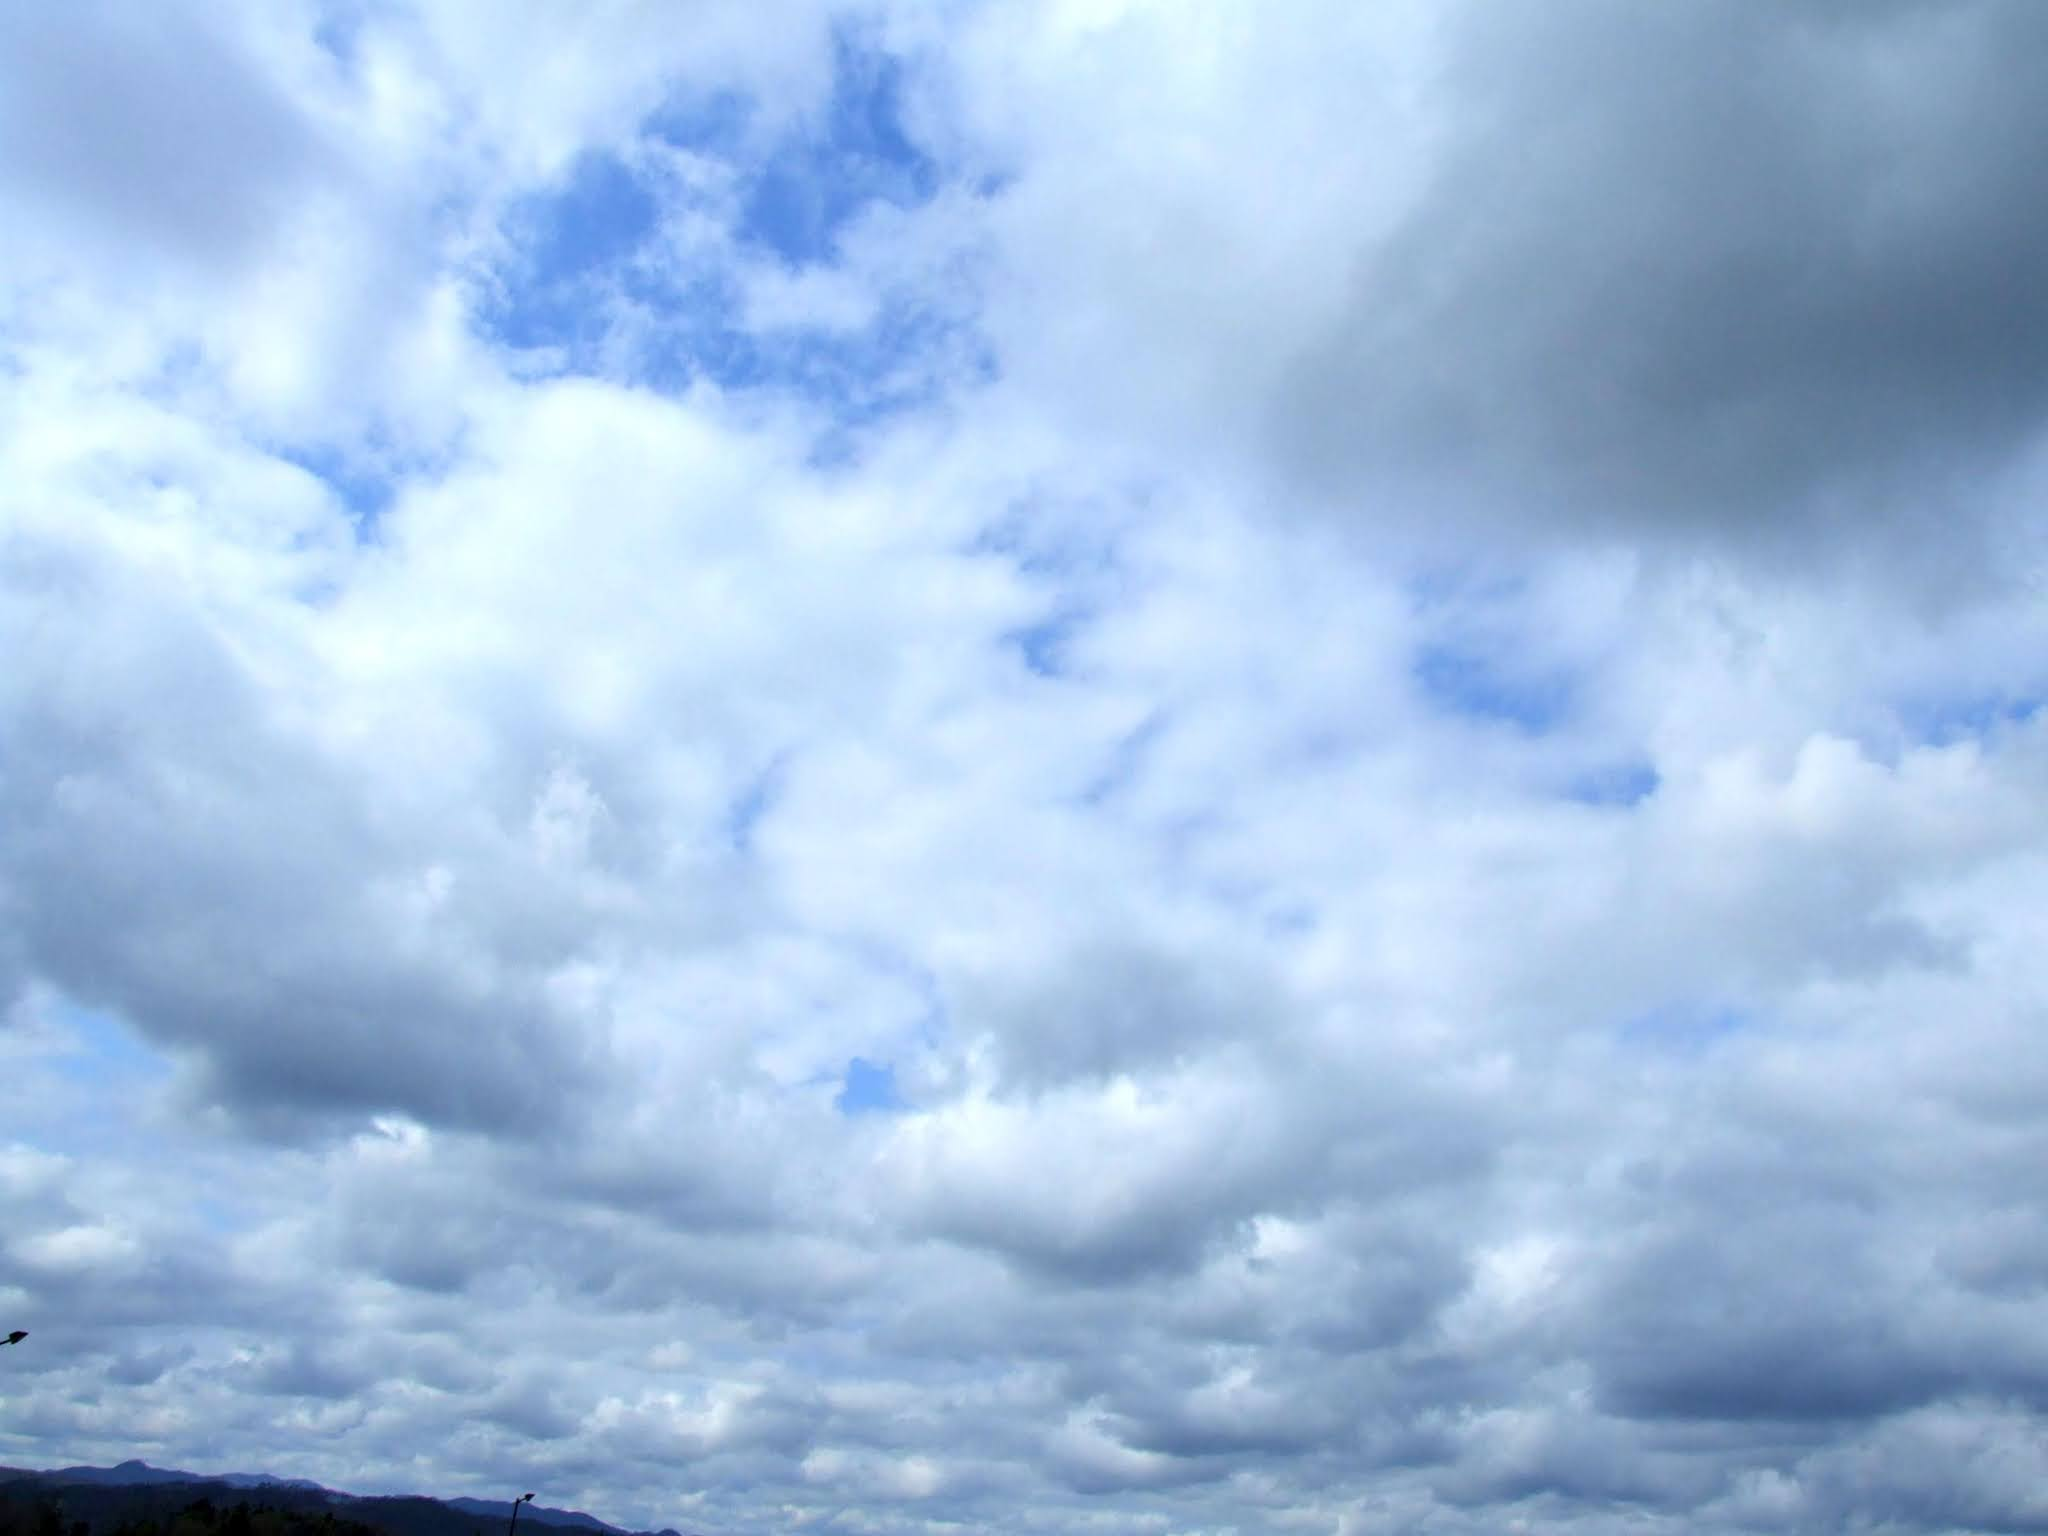 青い空にもくもくとした白い雲の写真素材です。